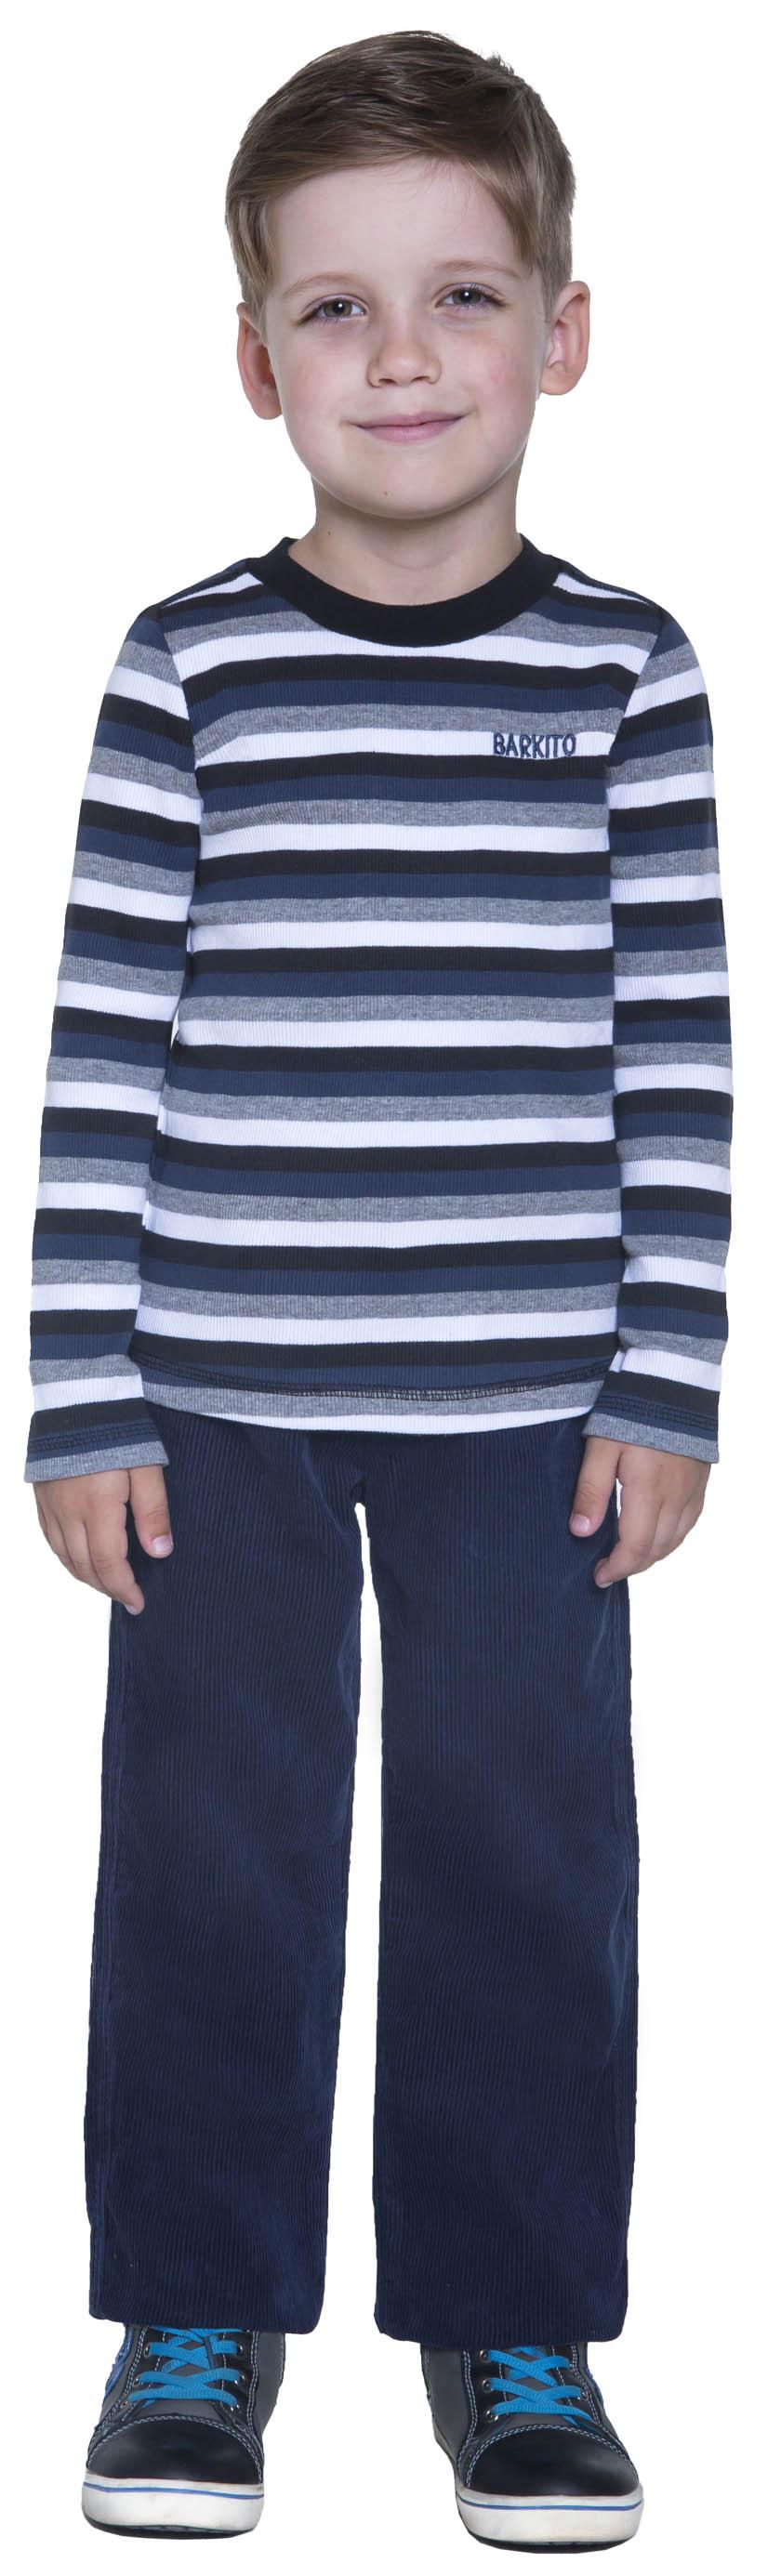 Футболки Barkito Футболка с длинным рукавом для мальчика Barkito, Динамика, белая с рисунком полоска футболка с длинным рукавом для девочки barkito мартовские коты белая